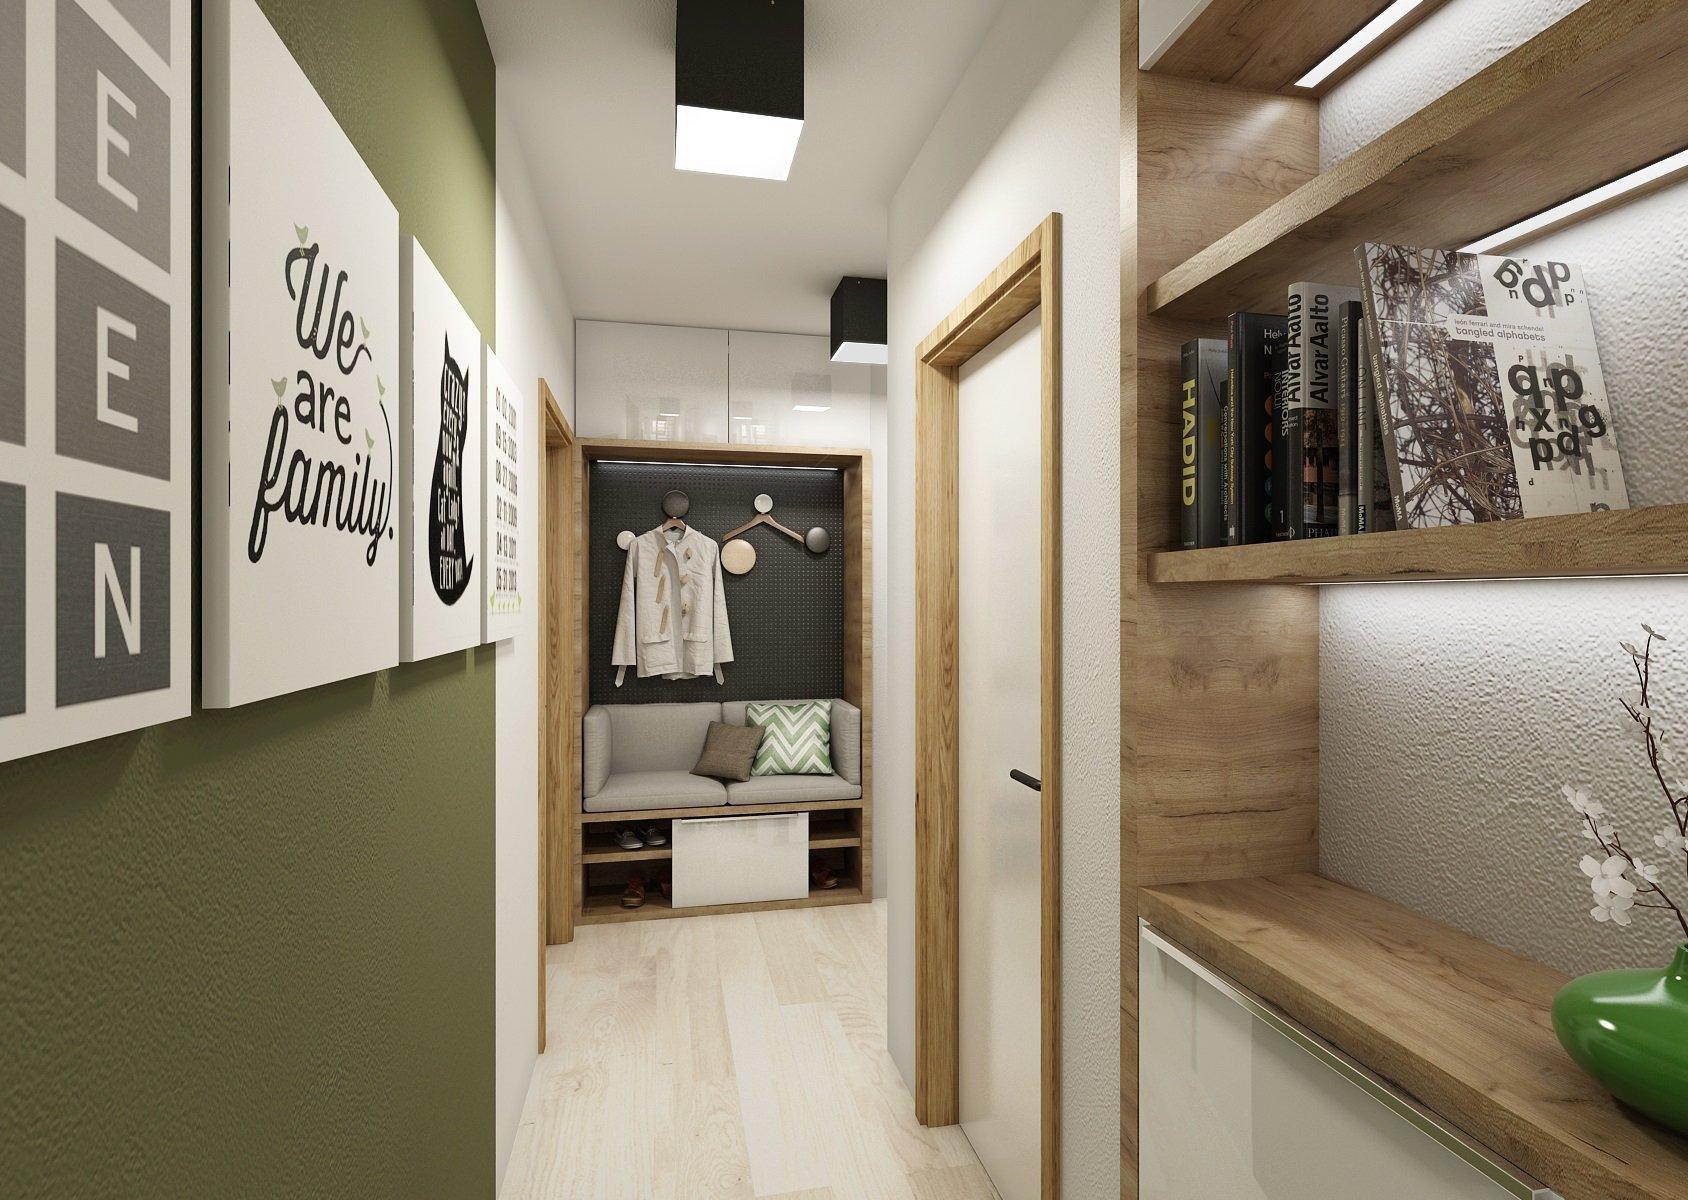 Podkrovní mezonetový byt vlehce industriálním stylu, kde se najde místo i pro kočku. Dub, antracit a bílá jsou hlavní neutrálně barevnou škálou interiéru…